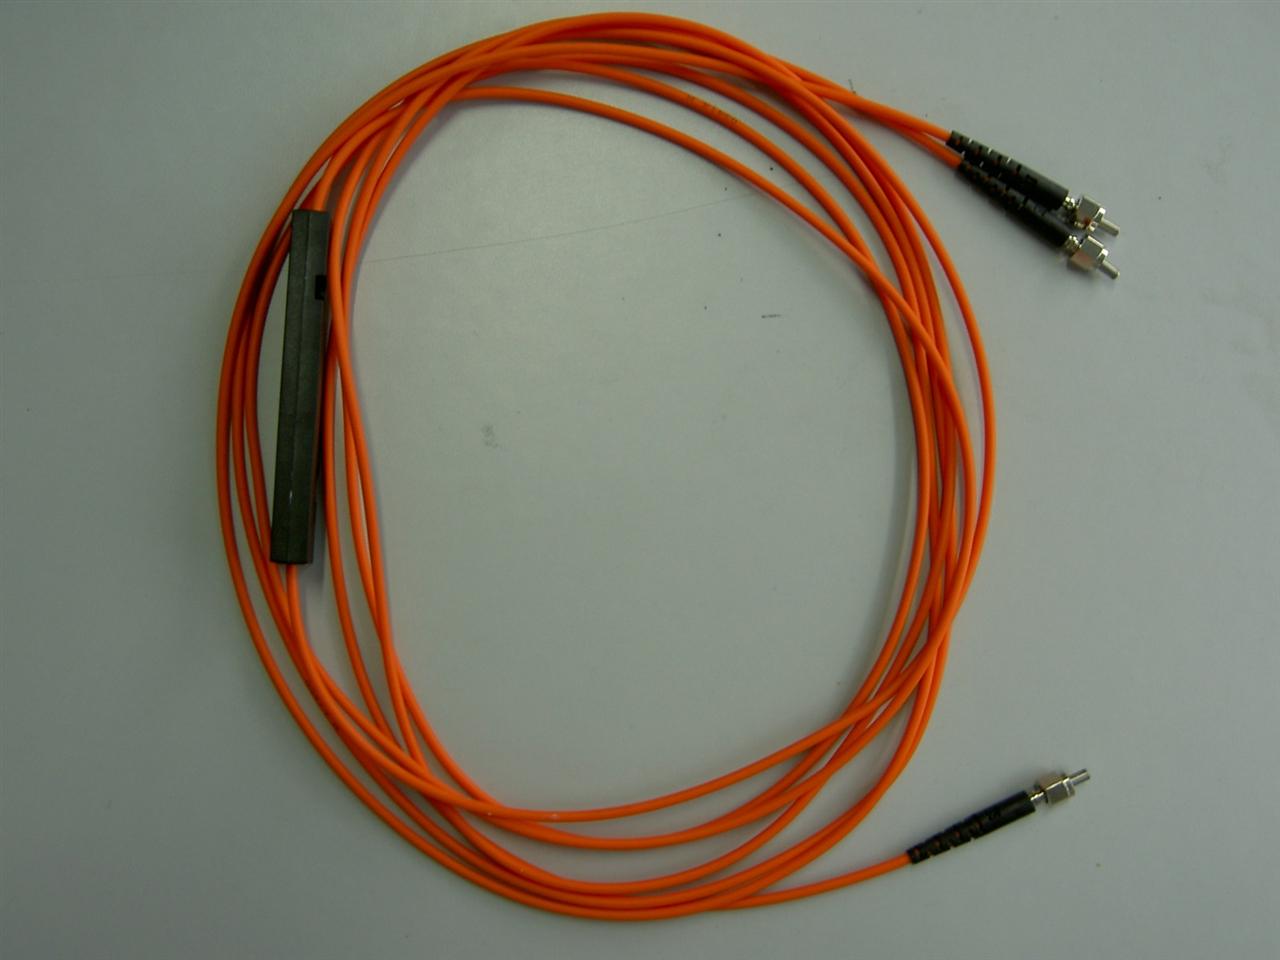 河南供应XLink850nm 105/125光纤耦合器632nm多模光纤耦合器(1×2,2×2)